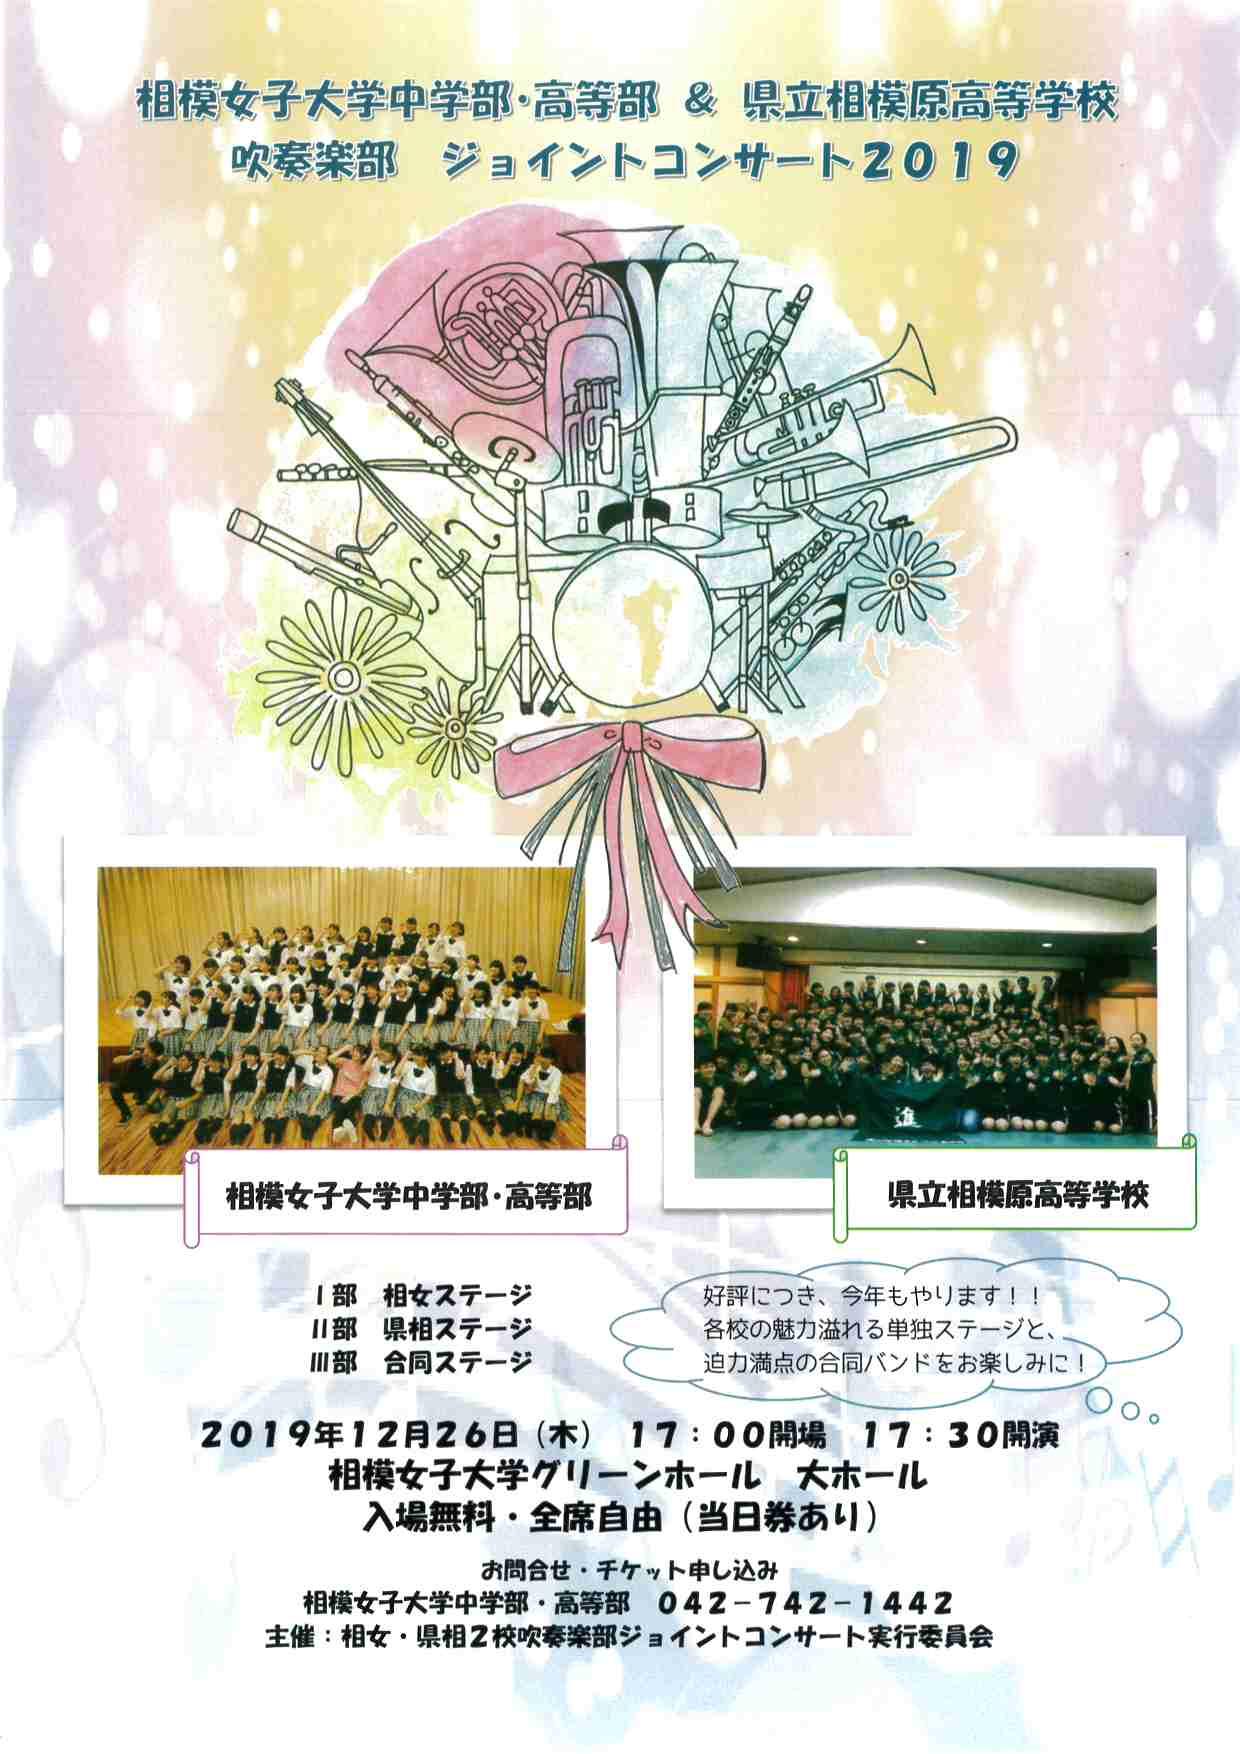 相模女子大学中学部・高等部&県立相模原高等学校吹奏楽部 ジョイントコンサート2019